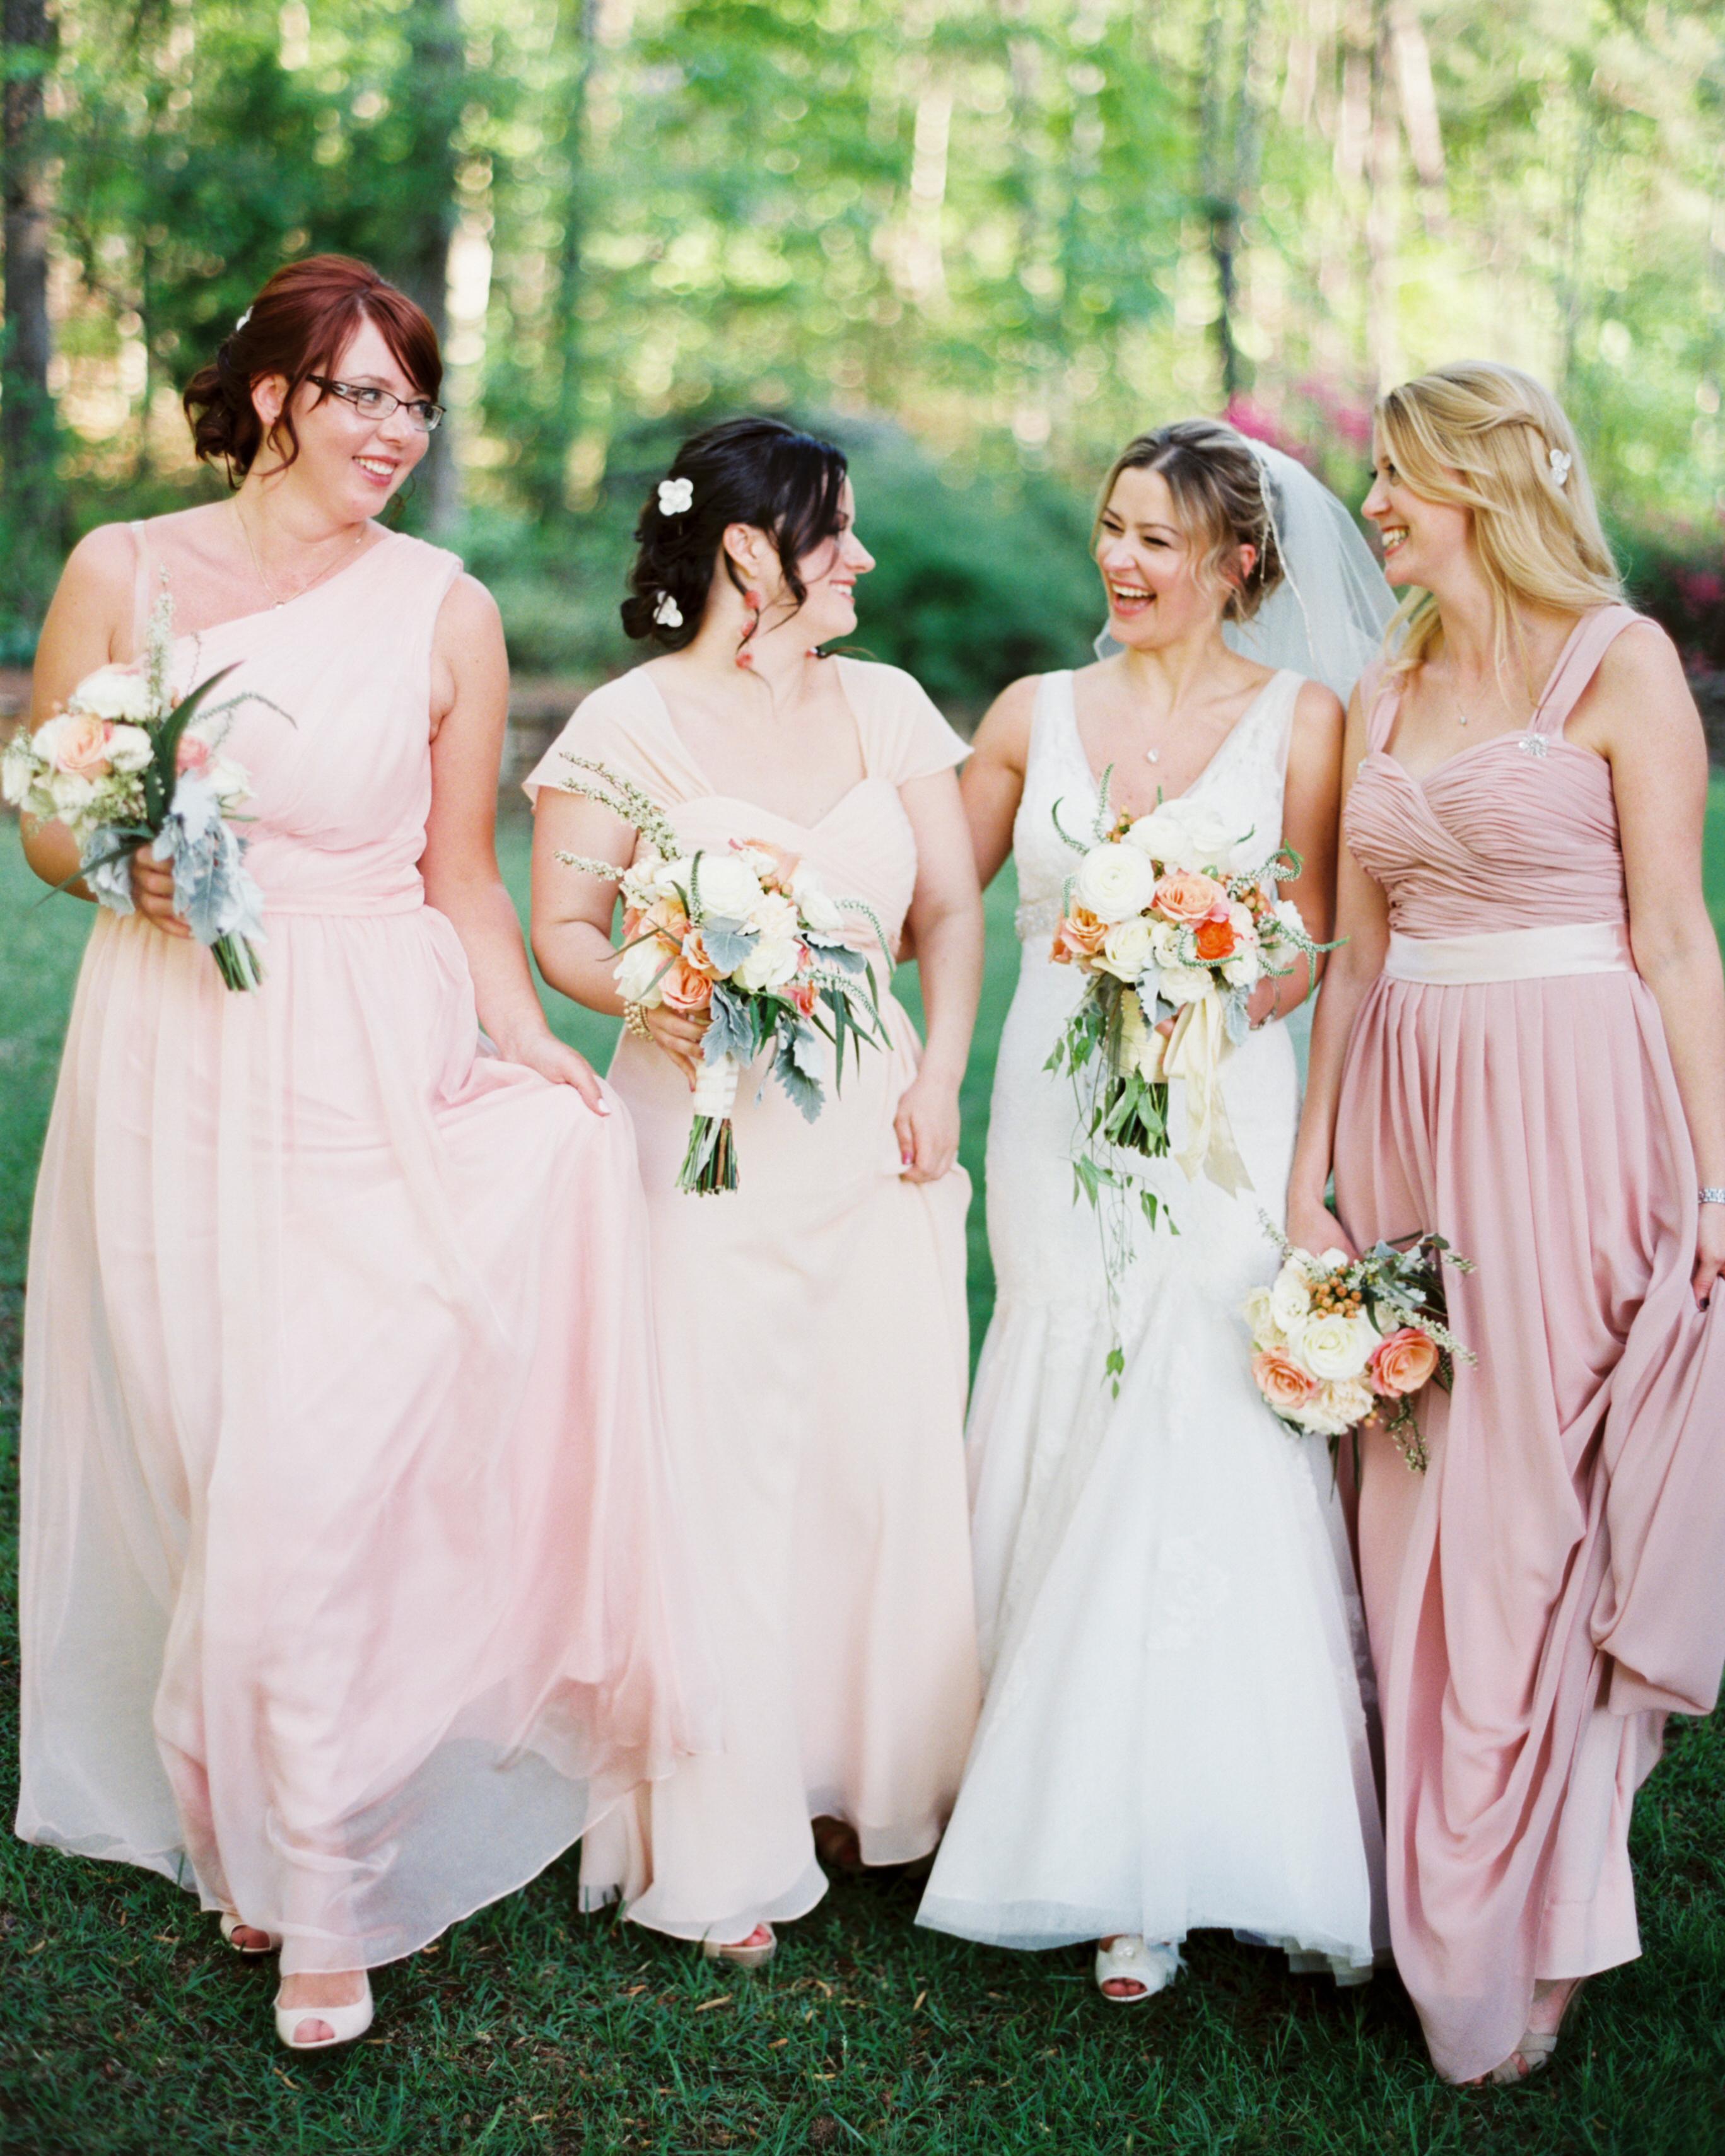 olga-david-wedding-bridesmaids-0314.jpg